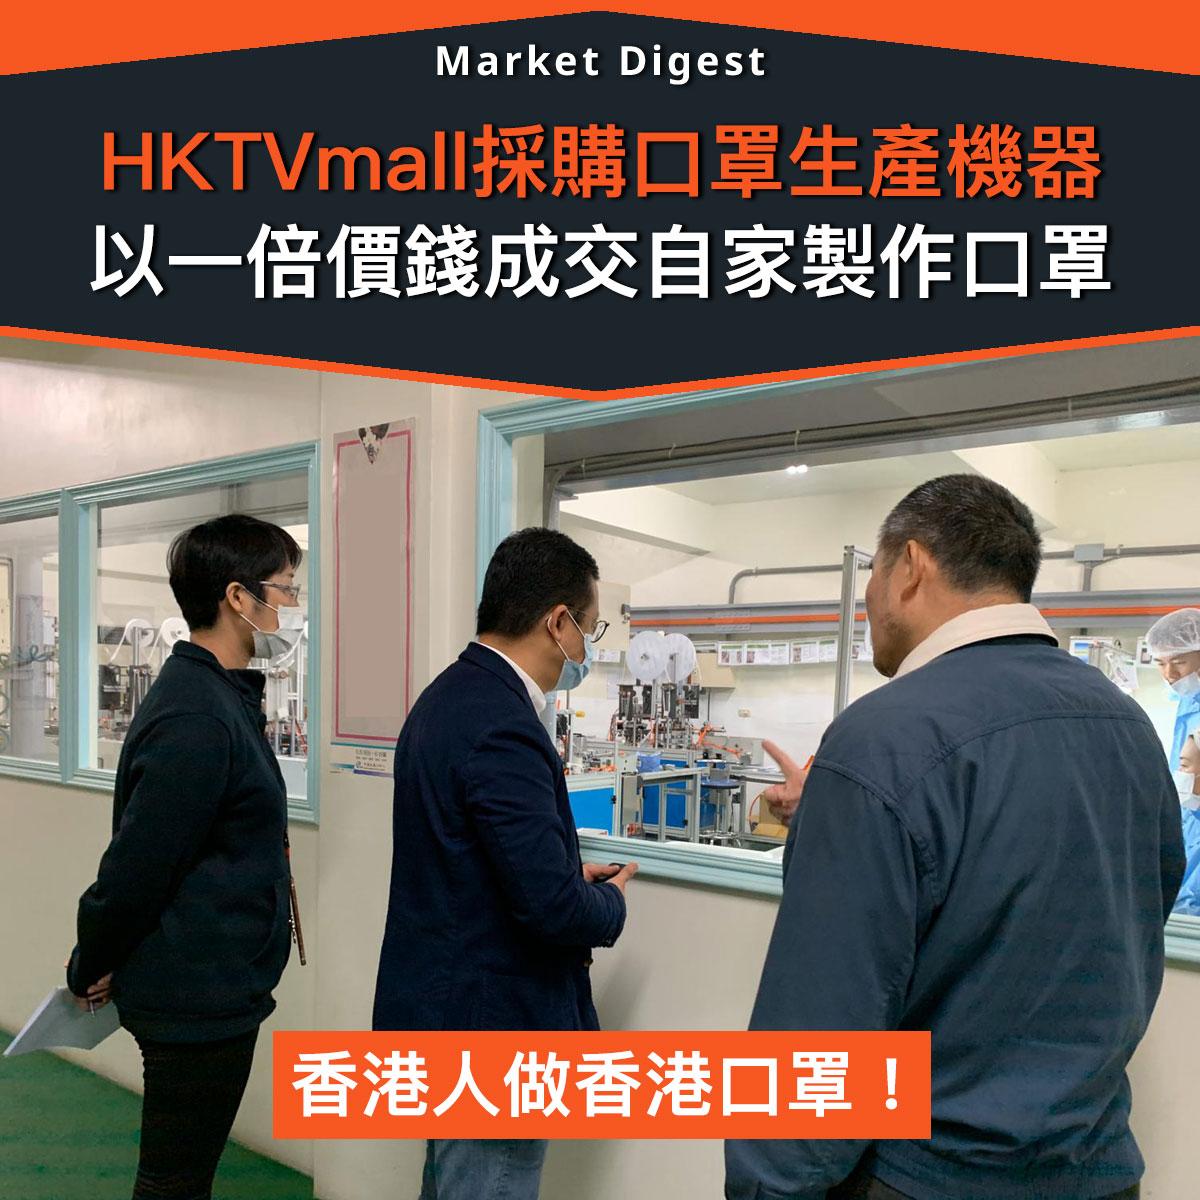 【市場熱話】HKTVmall採購口罩生產機器,以一倍價錢成交自家製作口罩